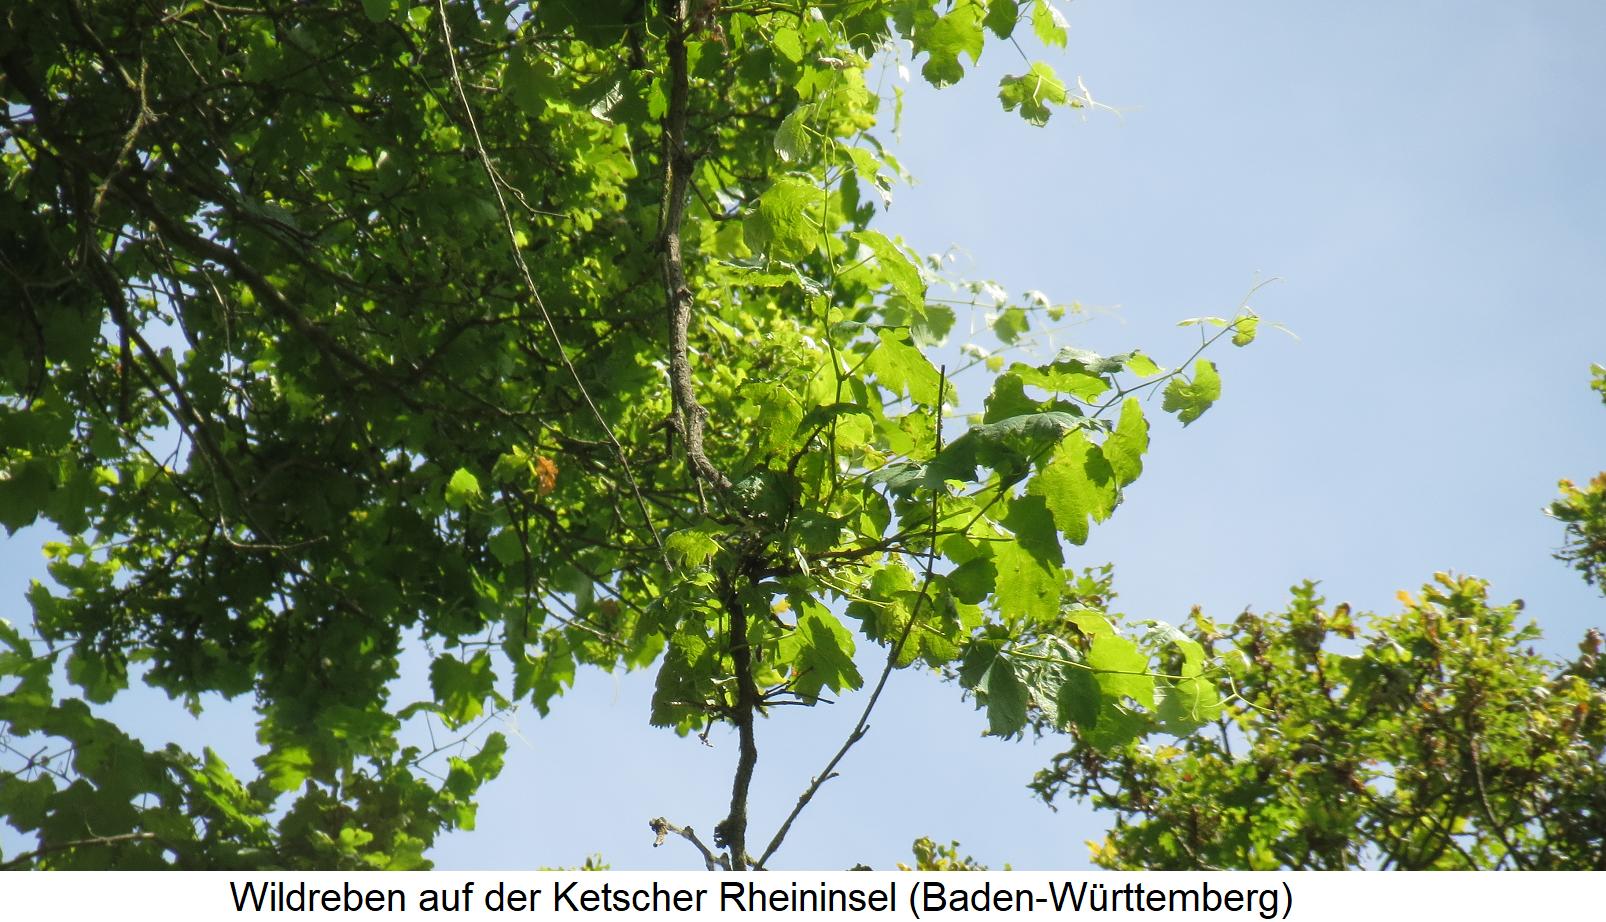 Wild vines on the Ketscher Rhine island (Baden-Württemberg)